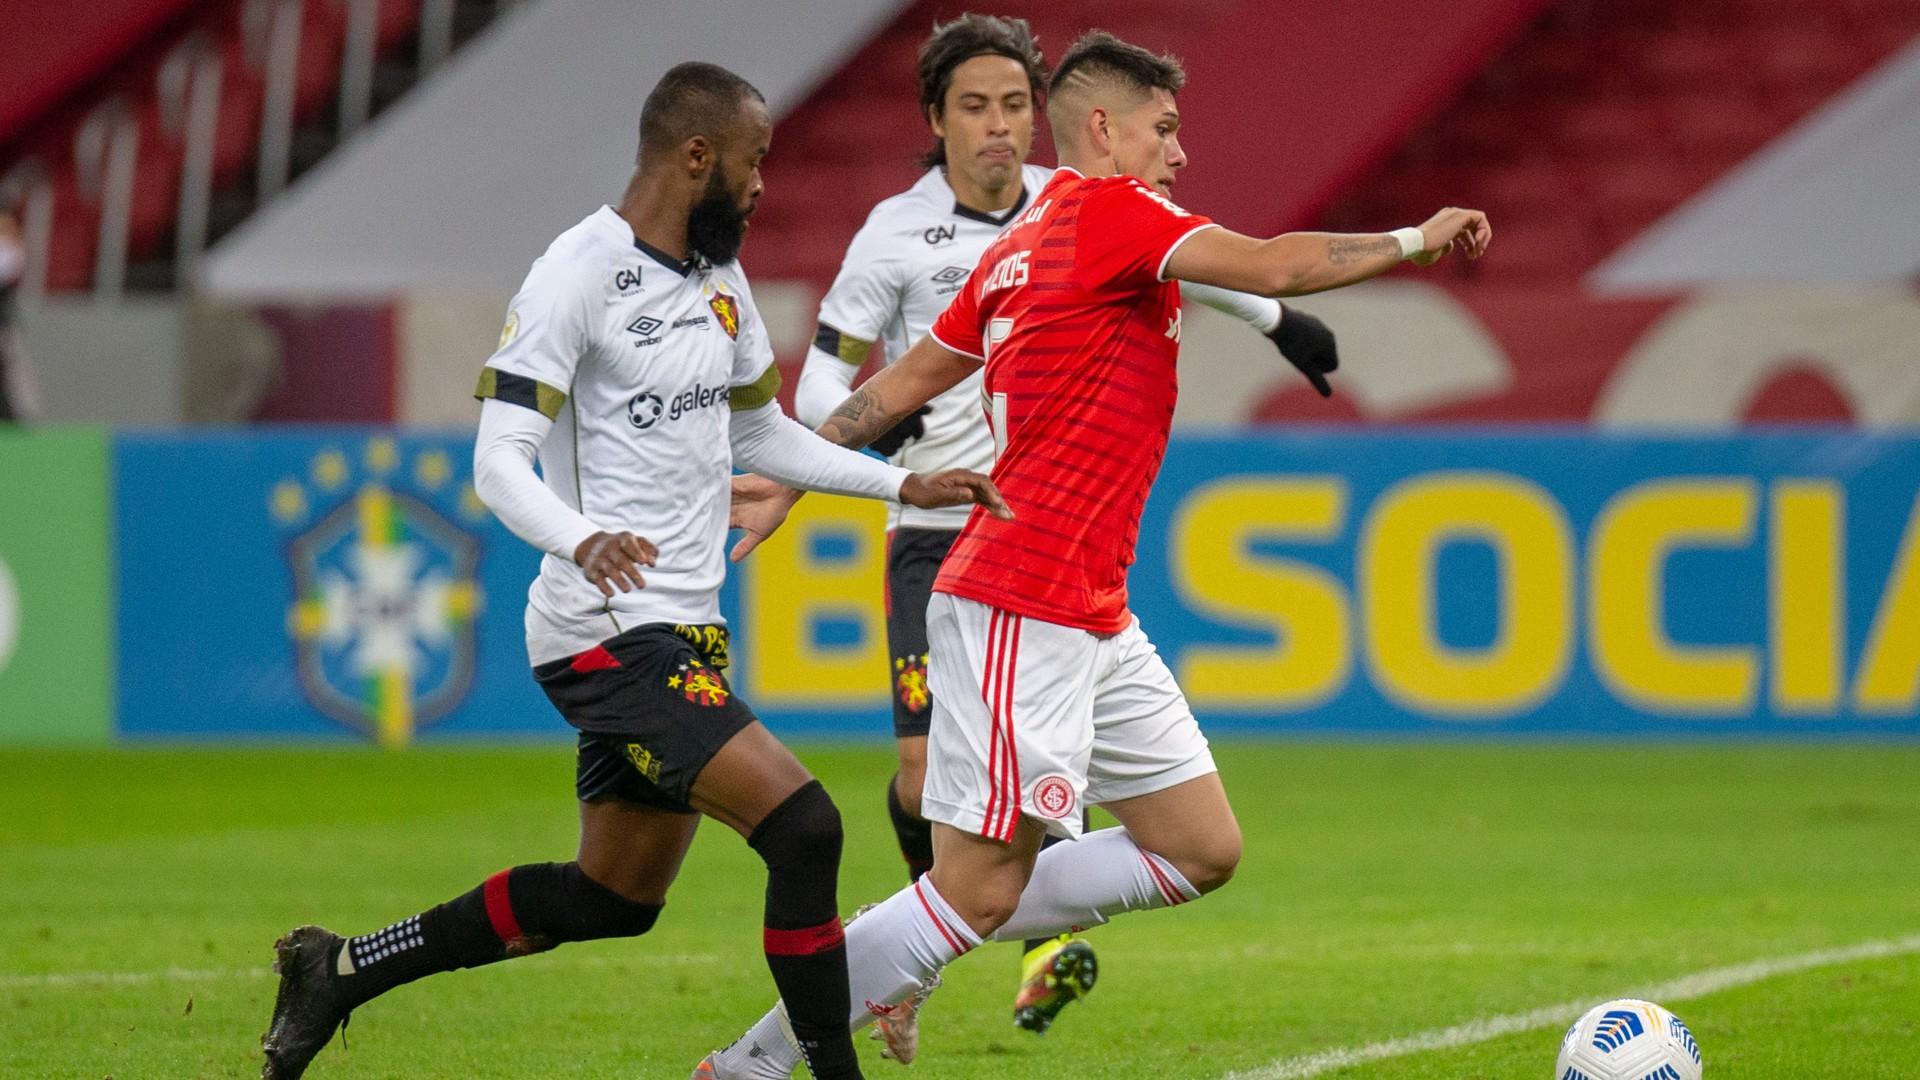 Internacional X Sport disputam partida válida pela primeira rodada do Campeonato